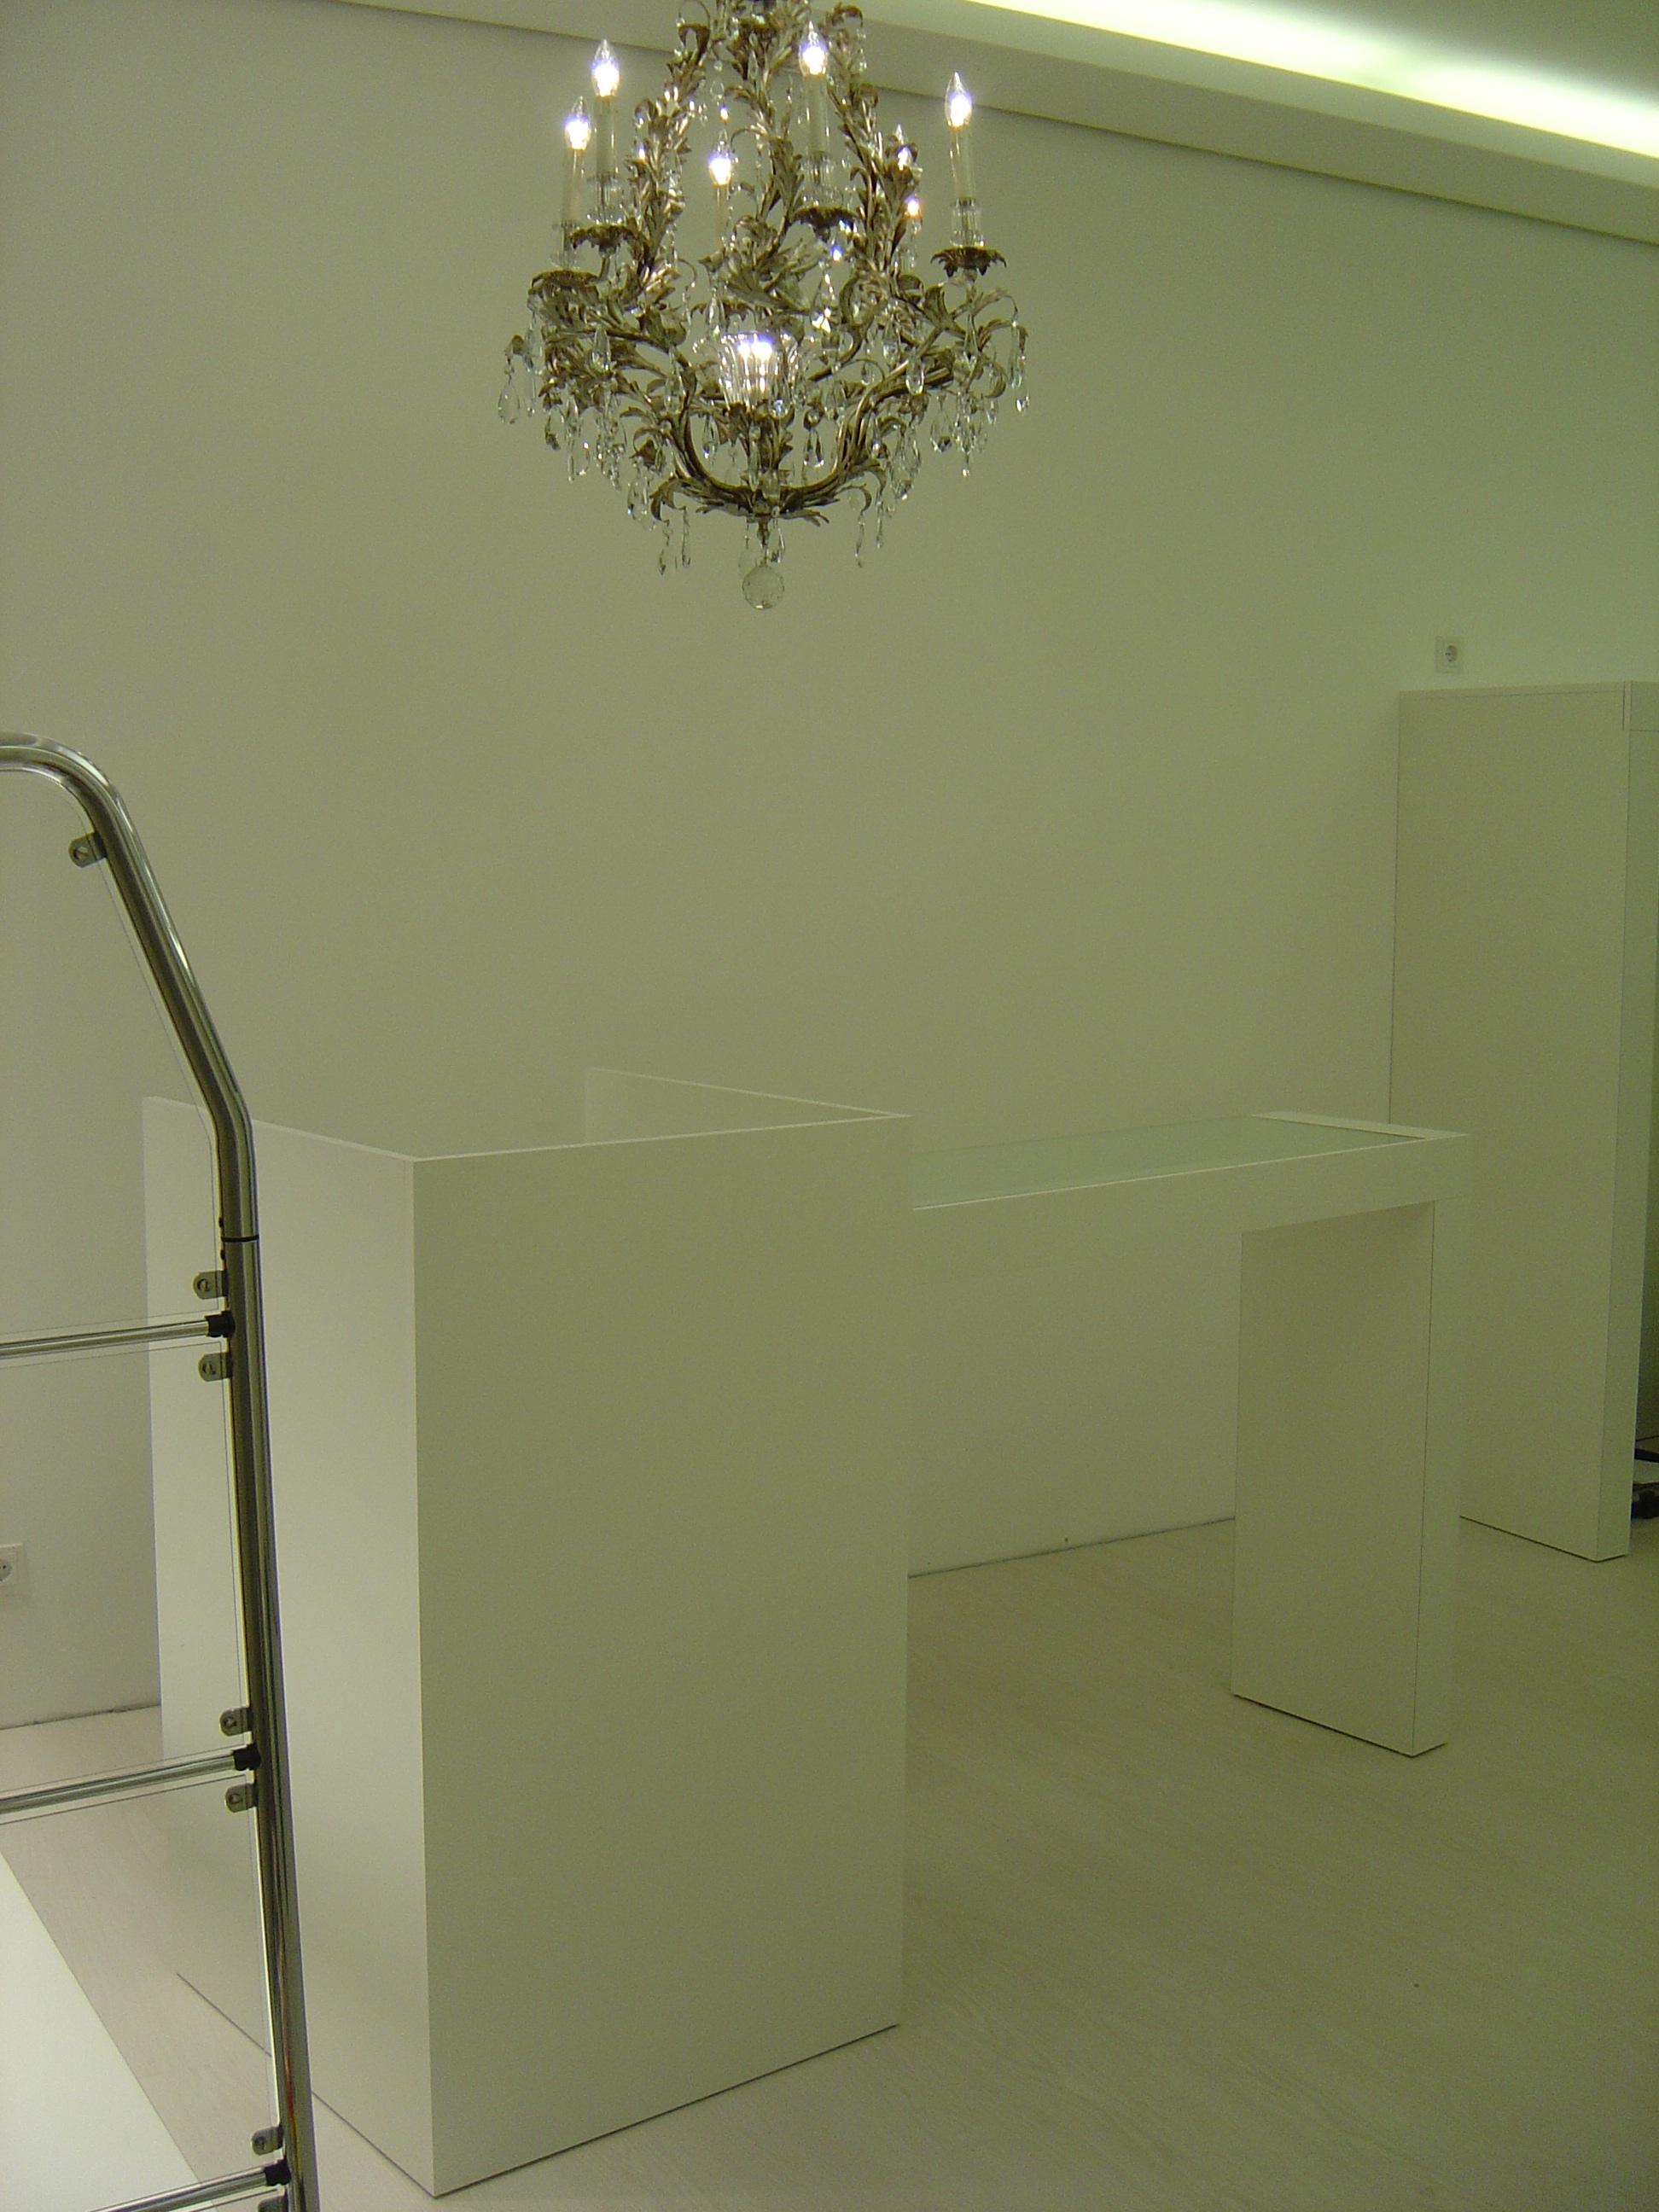 Verkaufstischchen in weiß mit Glas